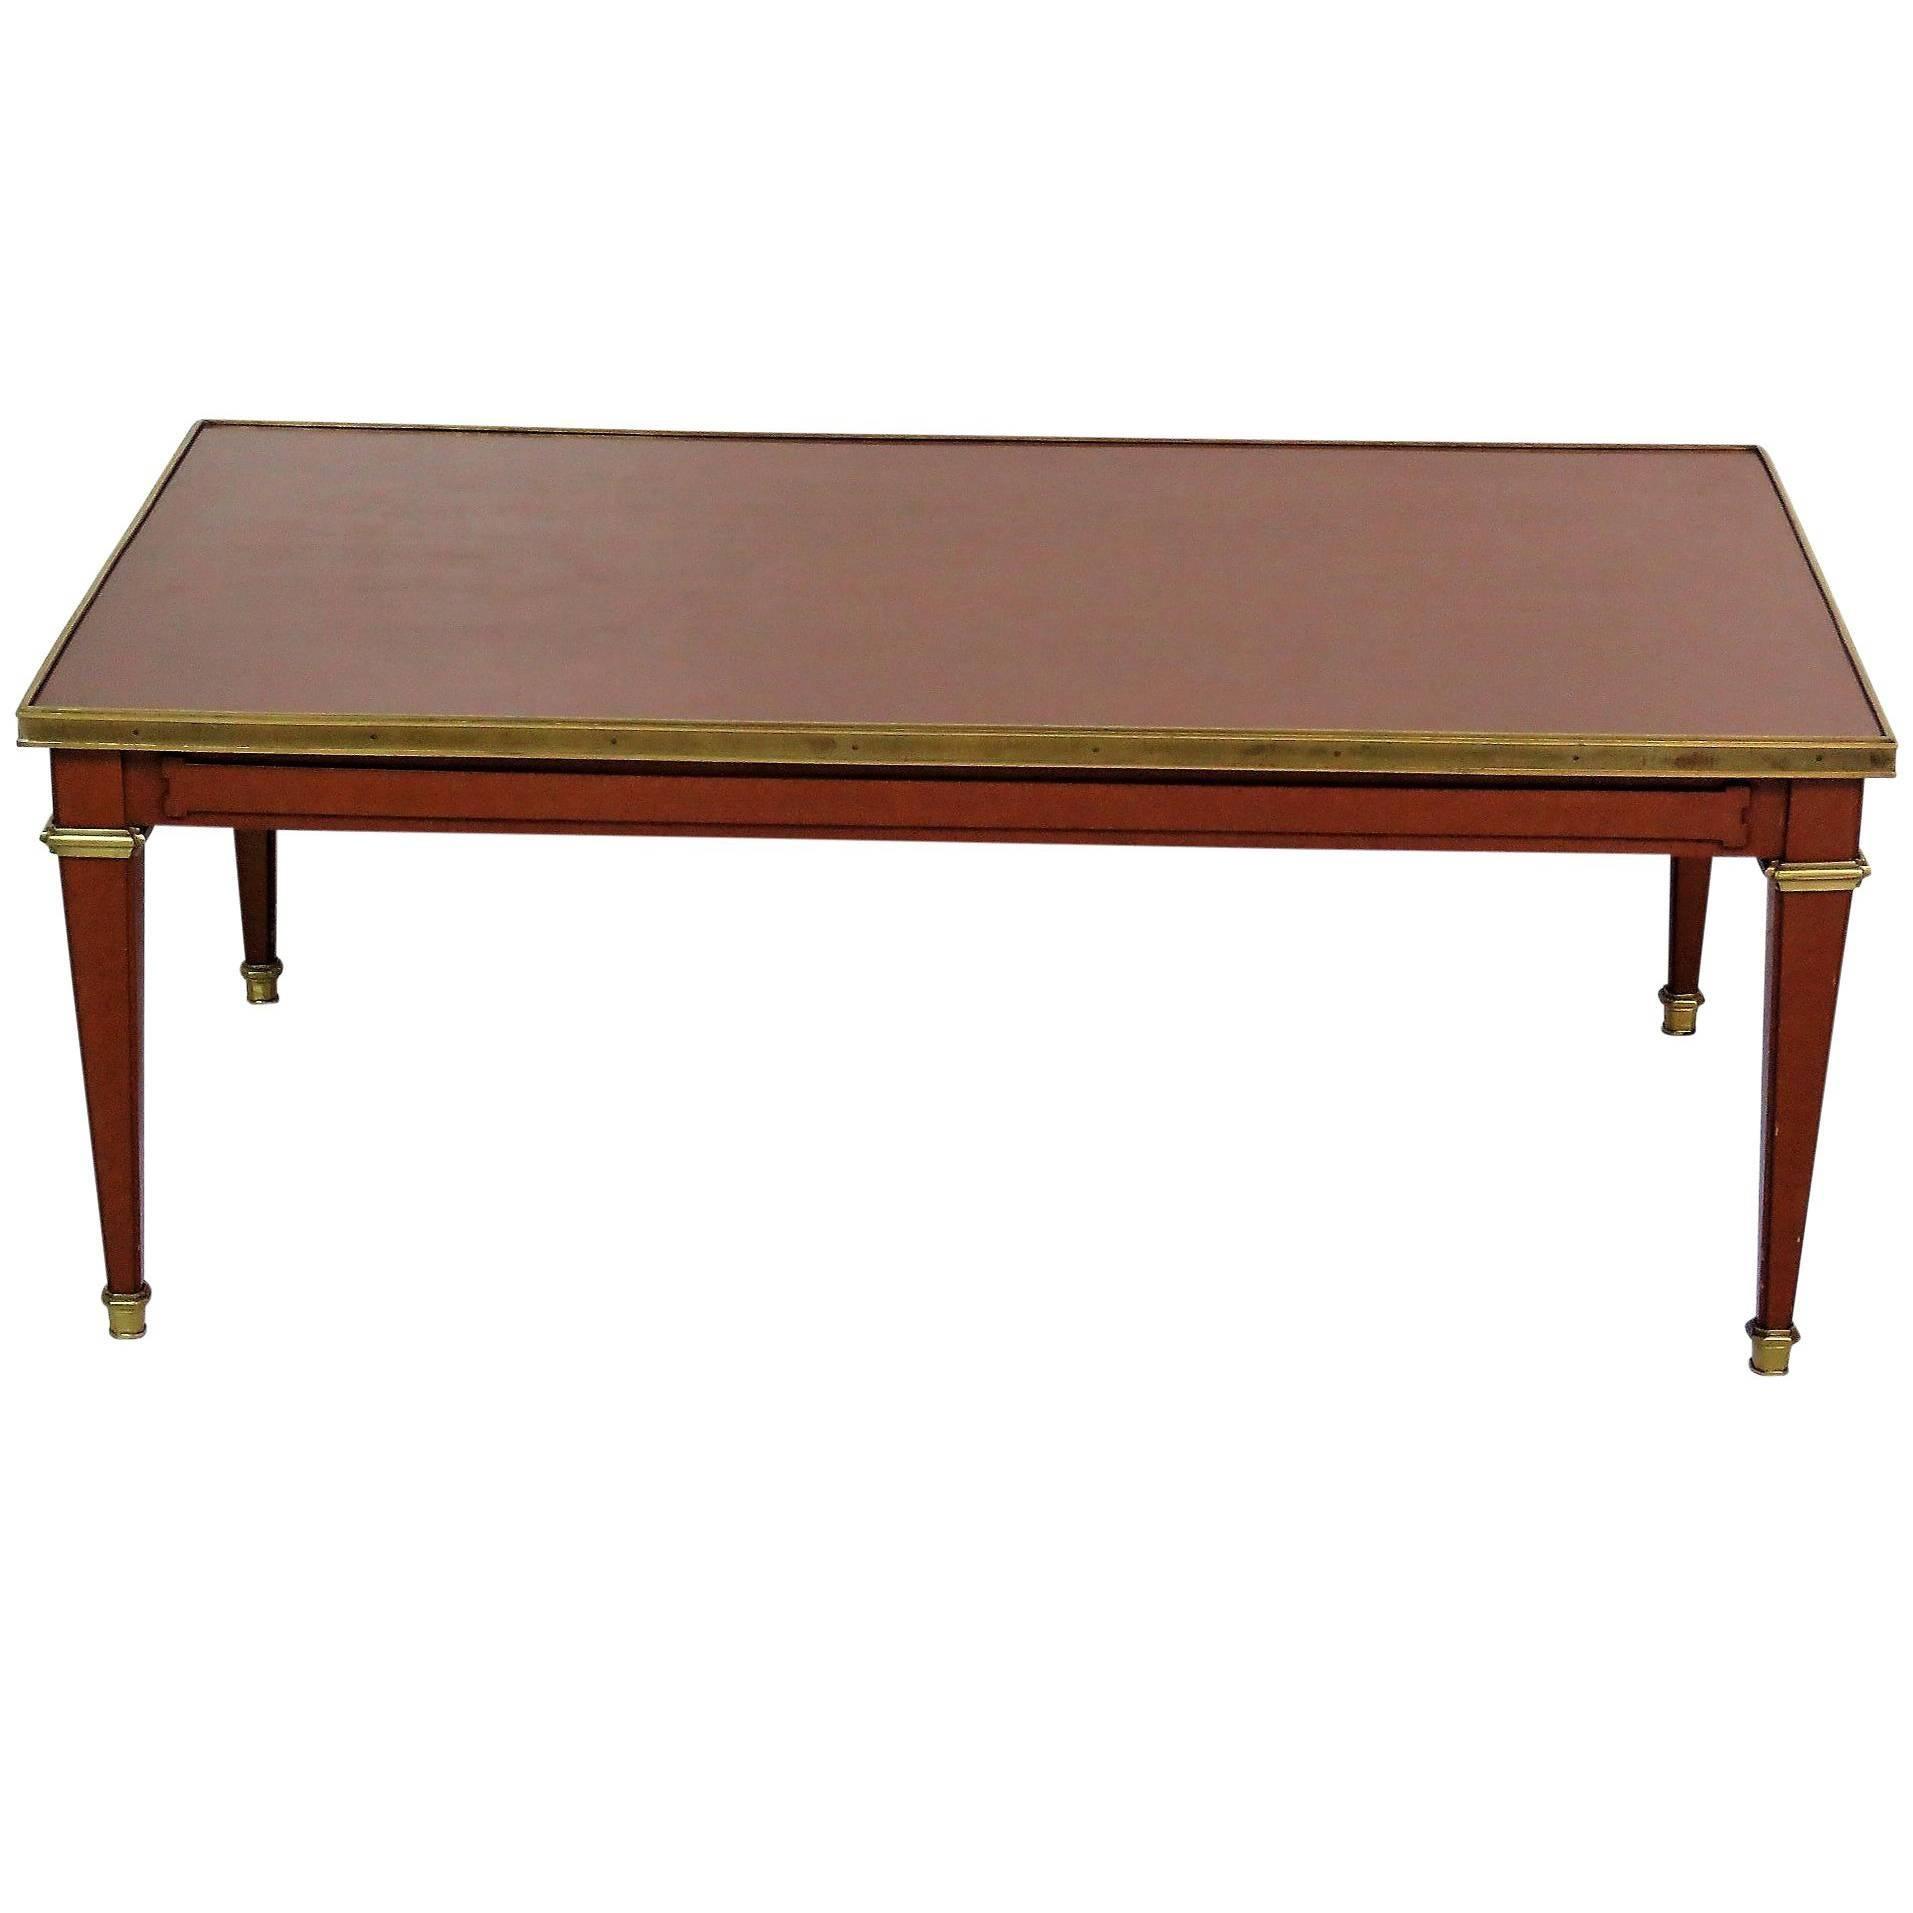 Maison Jansen Style Directoire Style Brass Coffee Table